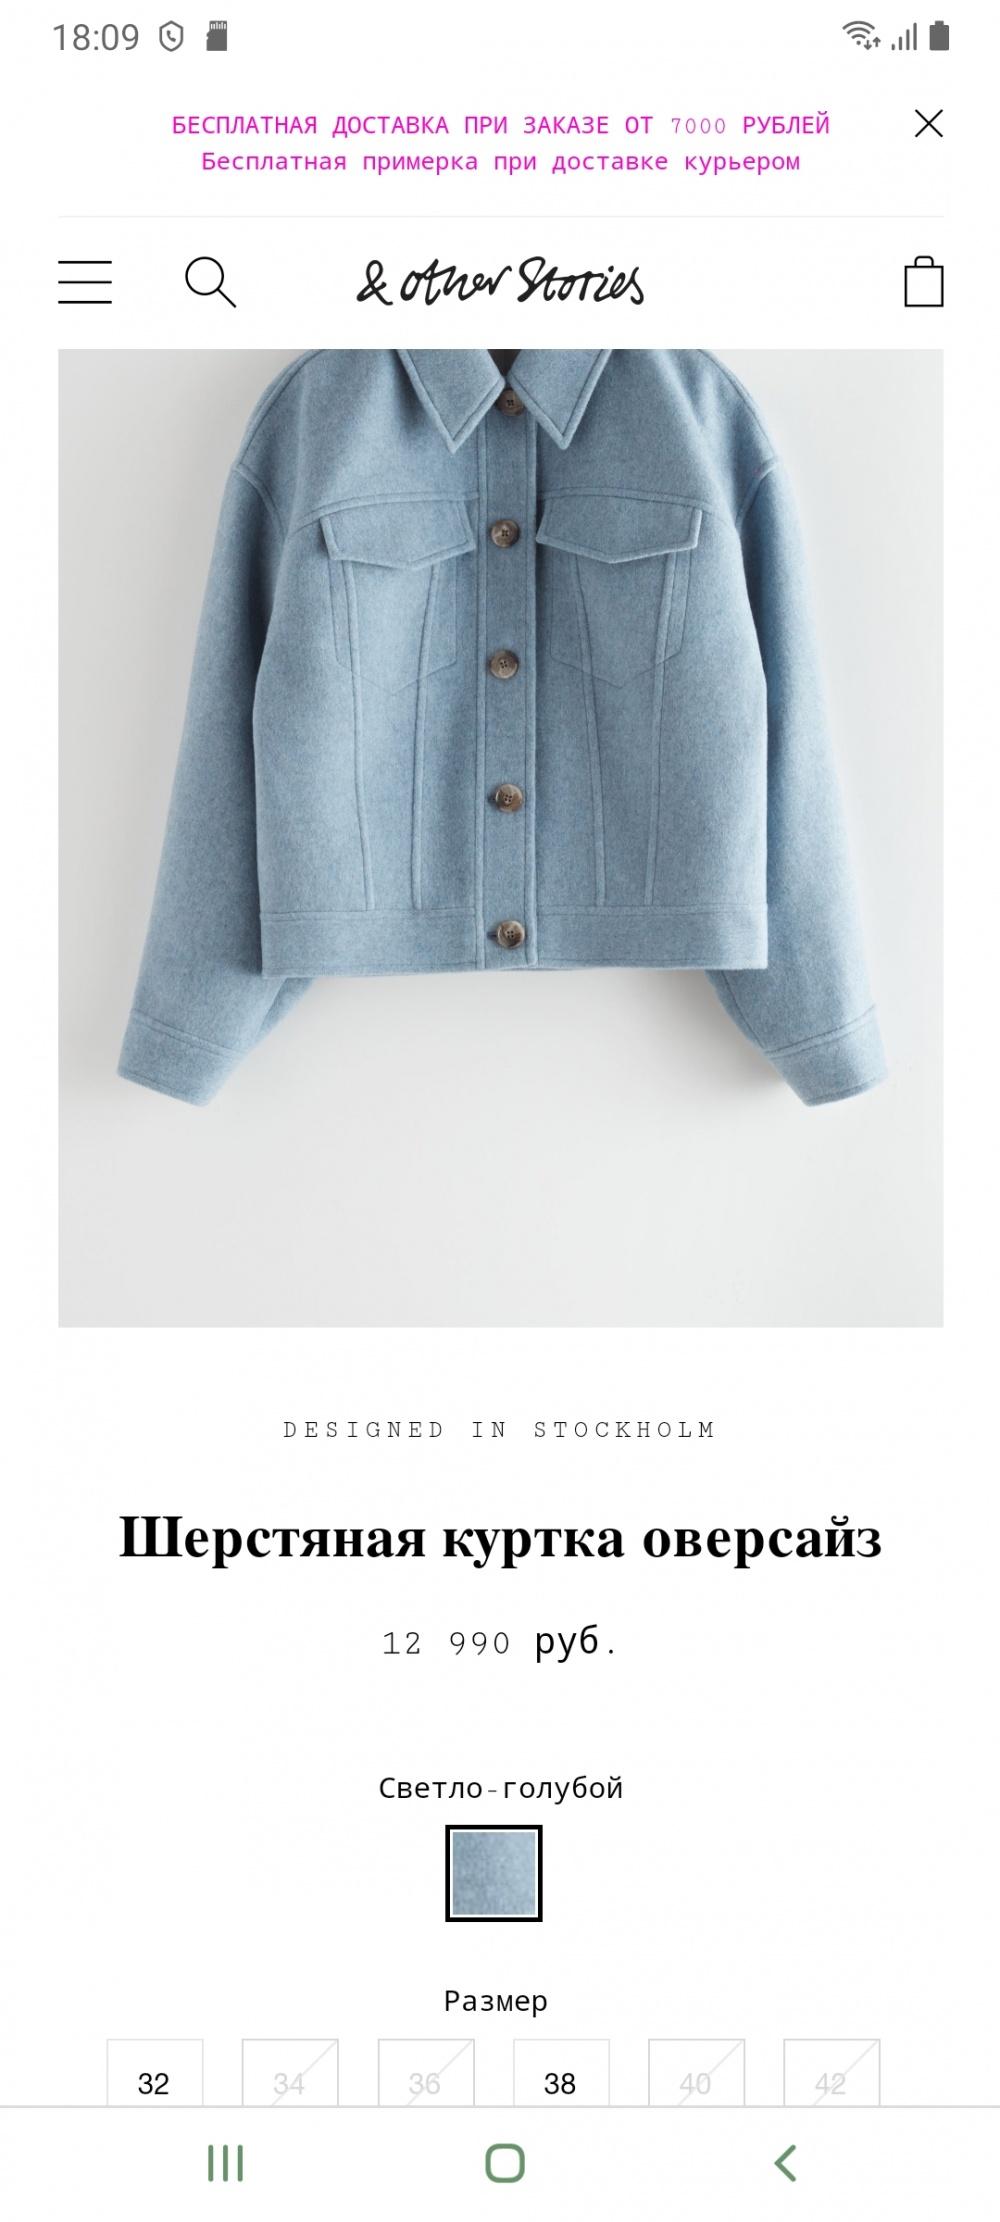 Куртка @Other stories, 36 размер